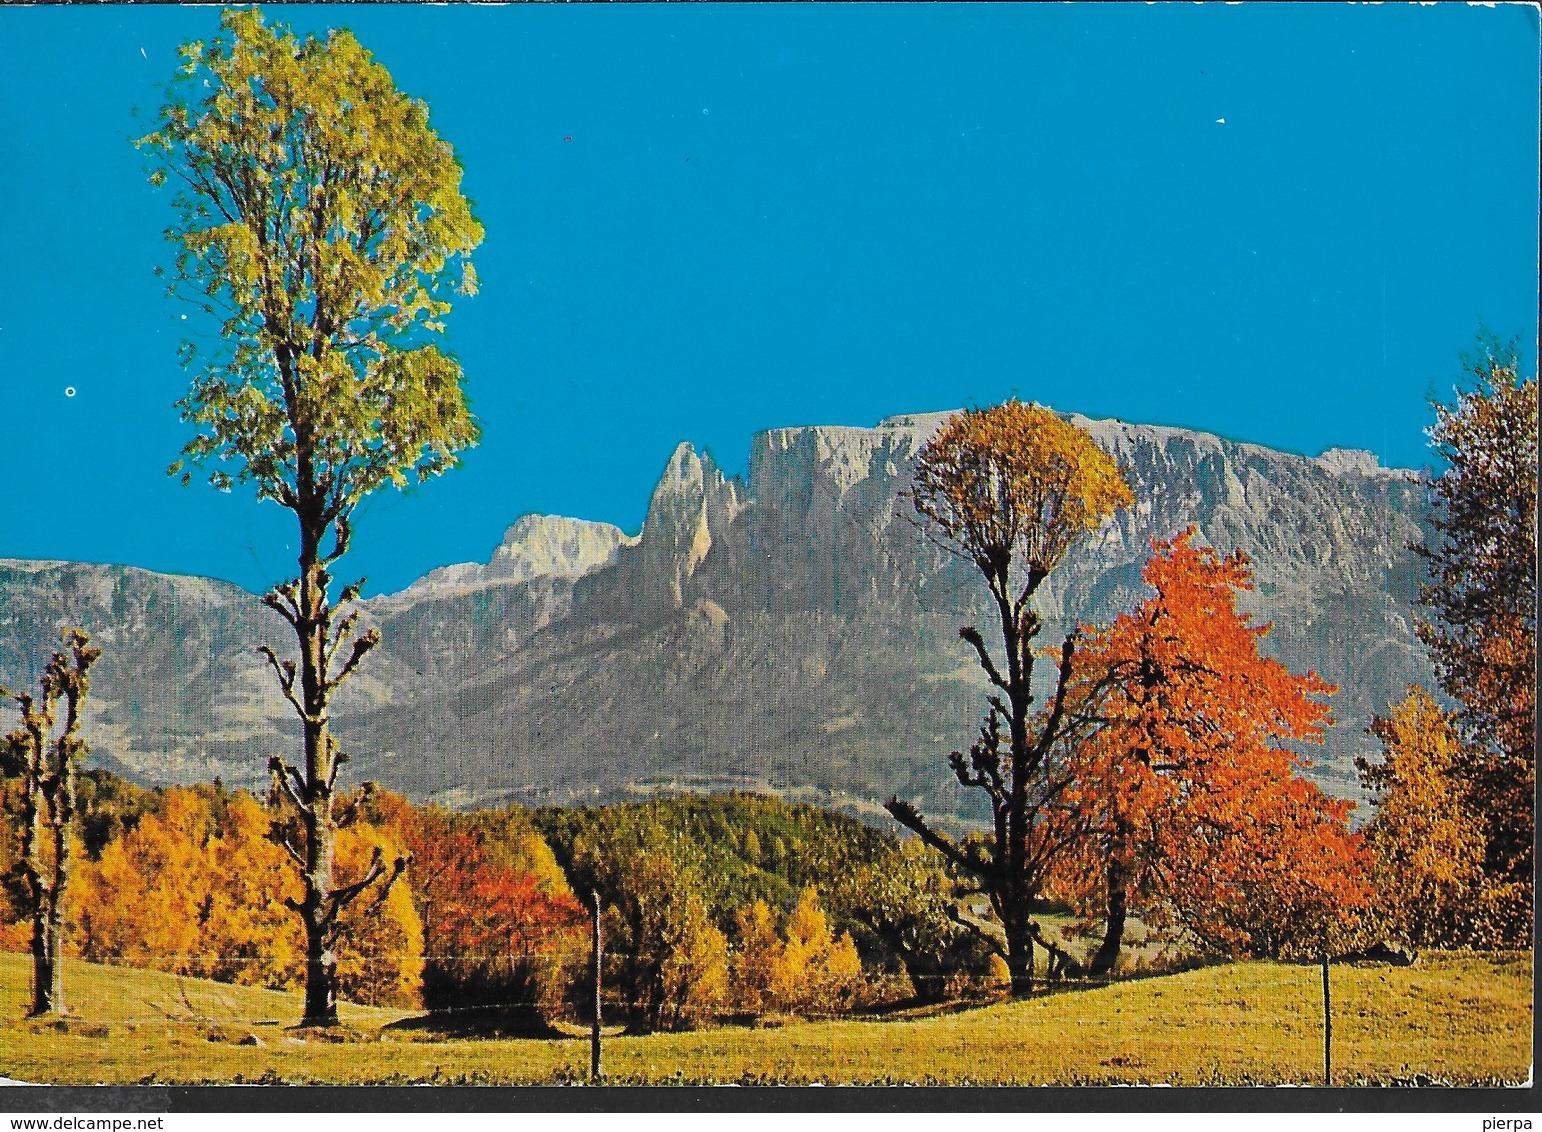 DOLOMITI - ALTO ADIGE - RENON - VIAGGIATA 1971  PER ESTERO (SVIZZERA) DA COLLALBO (BOLZANO) - ANNULLO BILINGUE - Alpinisme